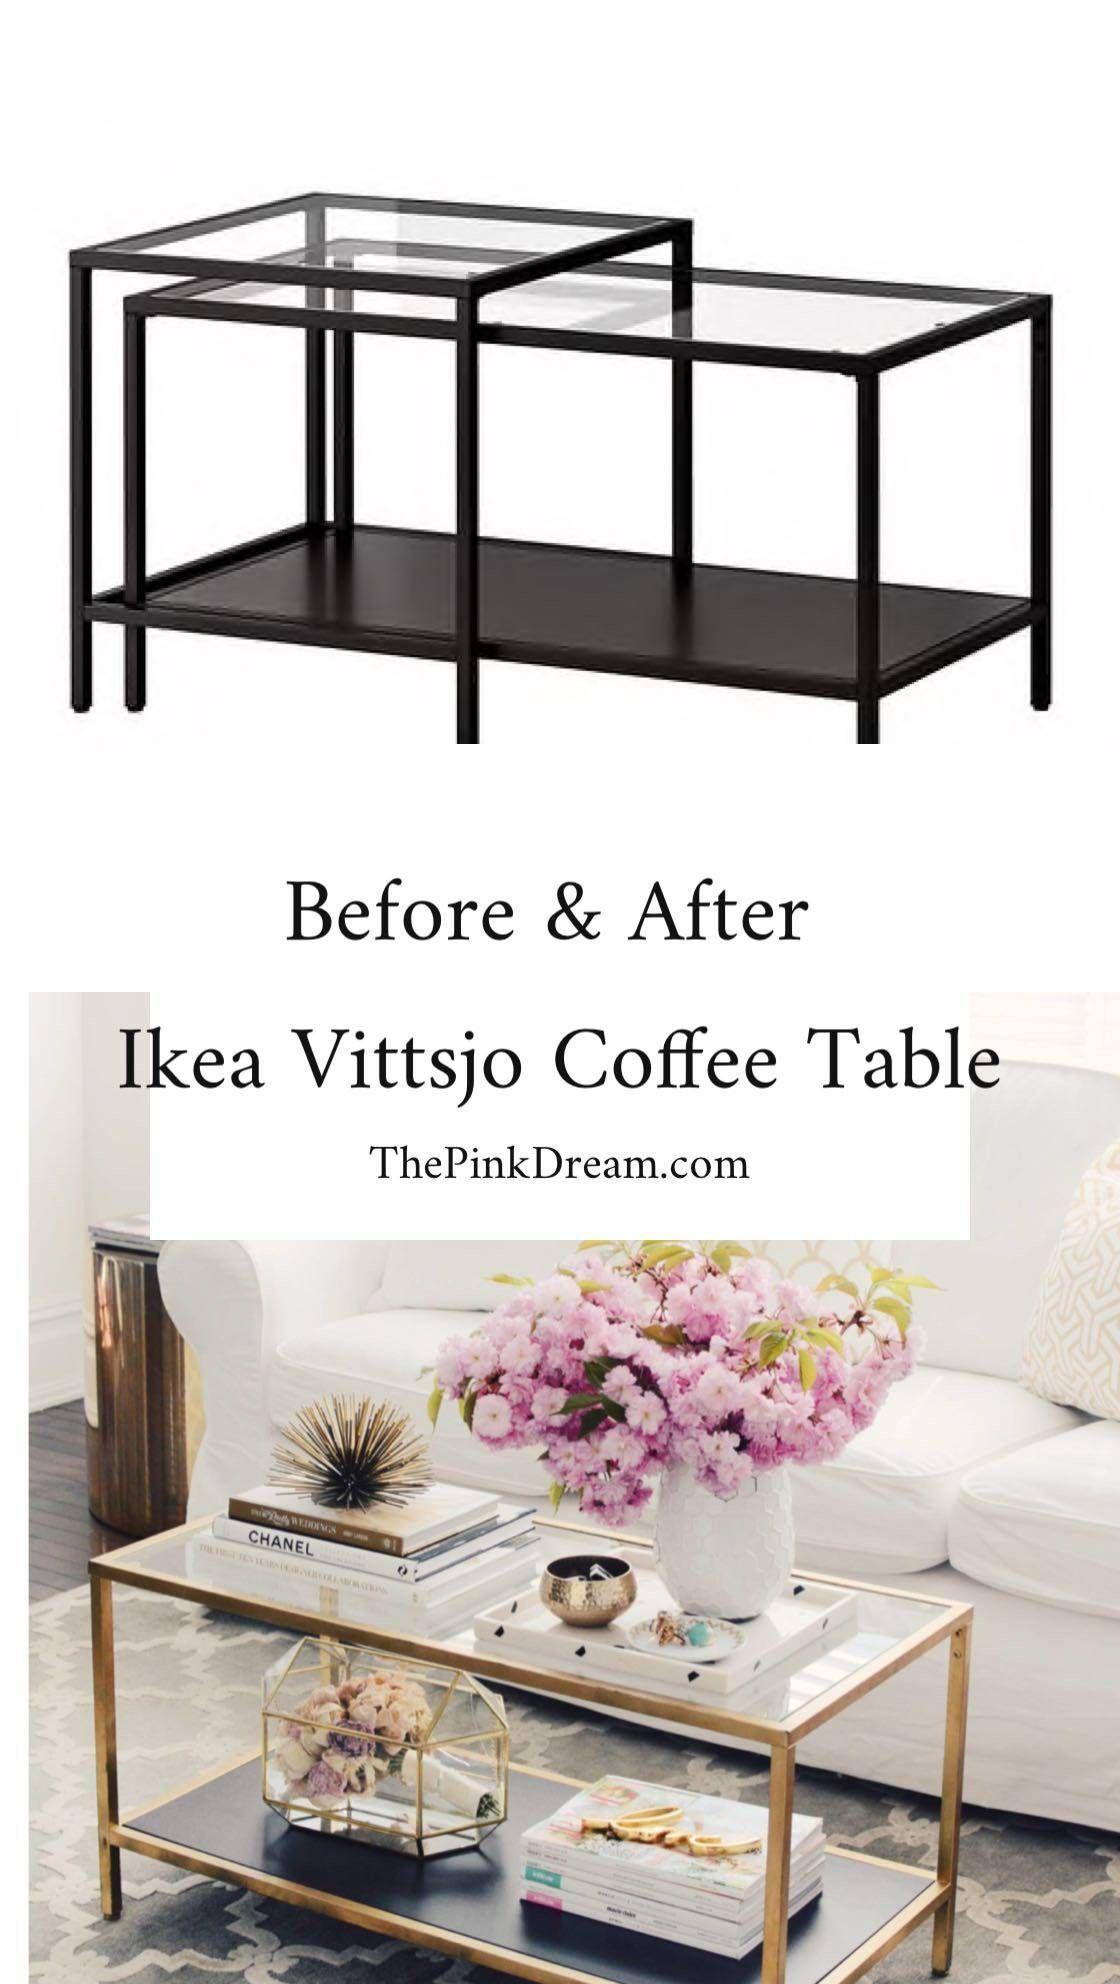 Ikea Vittsjo Coffee Table Hack Step By Step Ikea Vittsjo Table Hack Ikea Tische Wohnzimmer Ikea Hack Wohnzimmer Ikea Couchtisch [ 1984 x 1120 Pixel ]